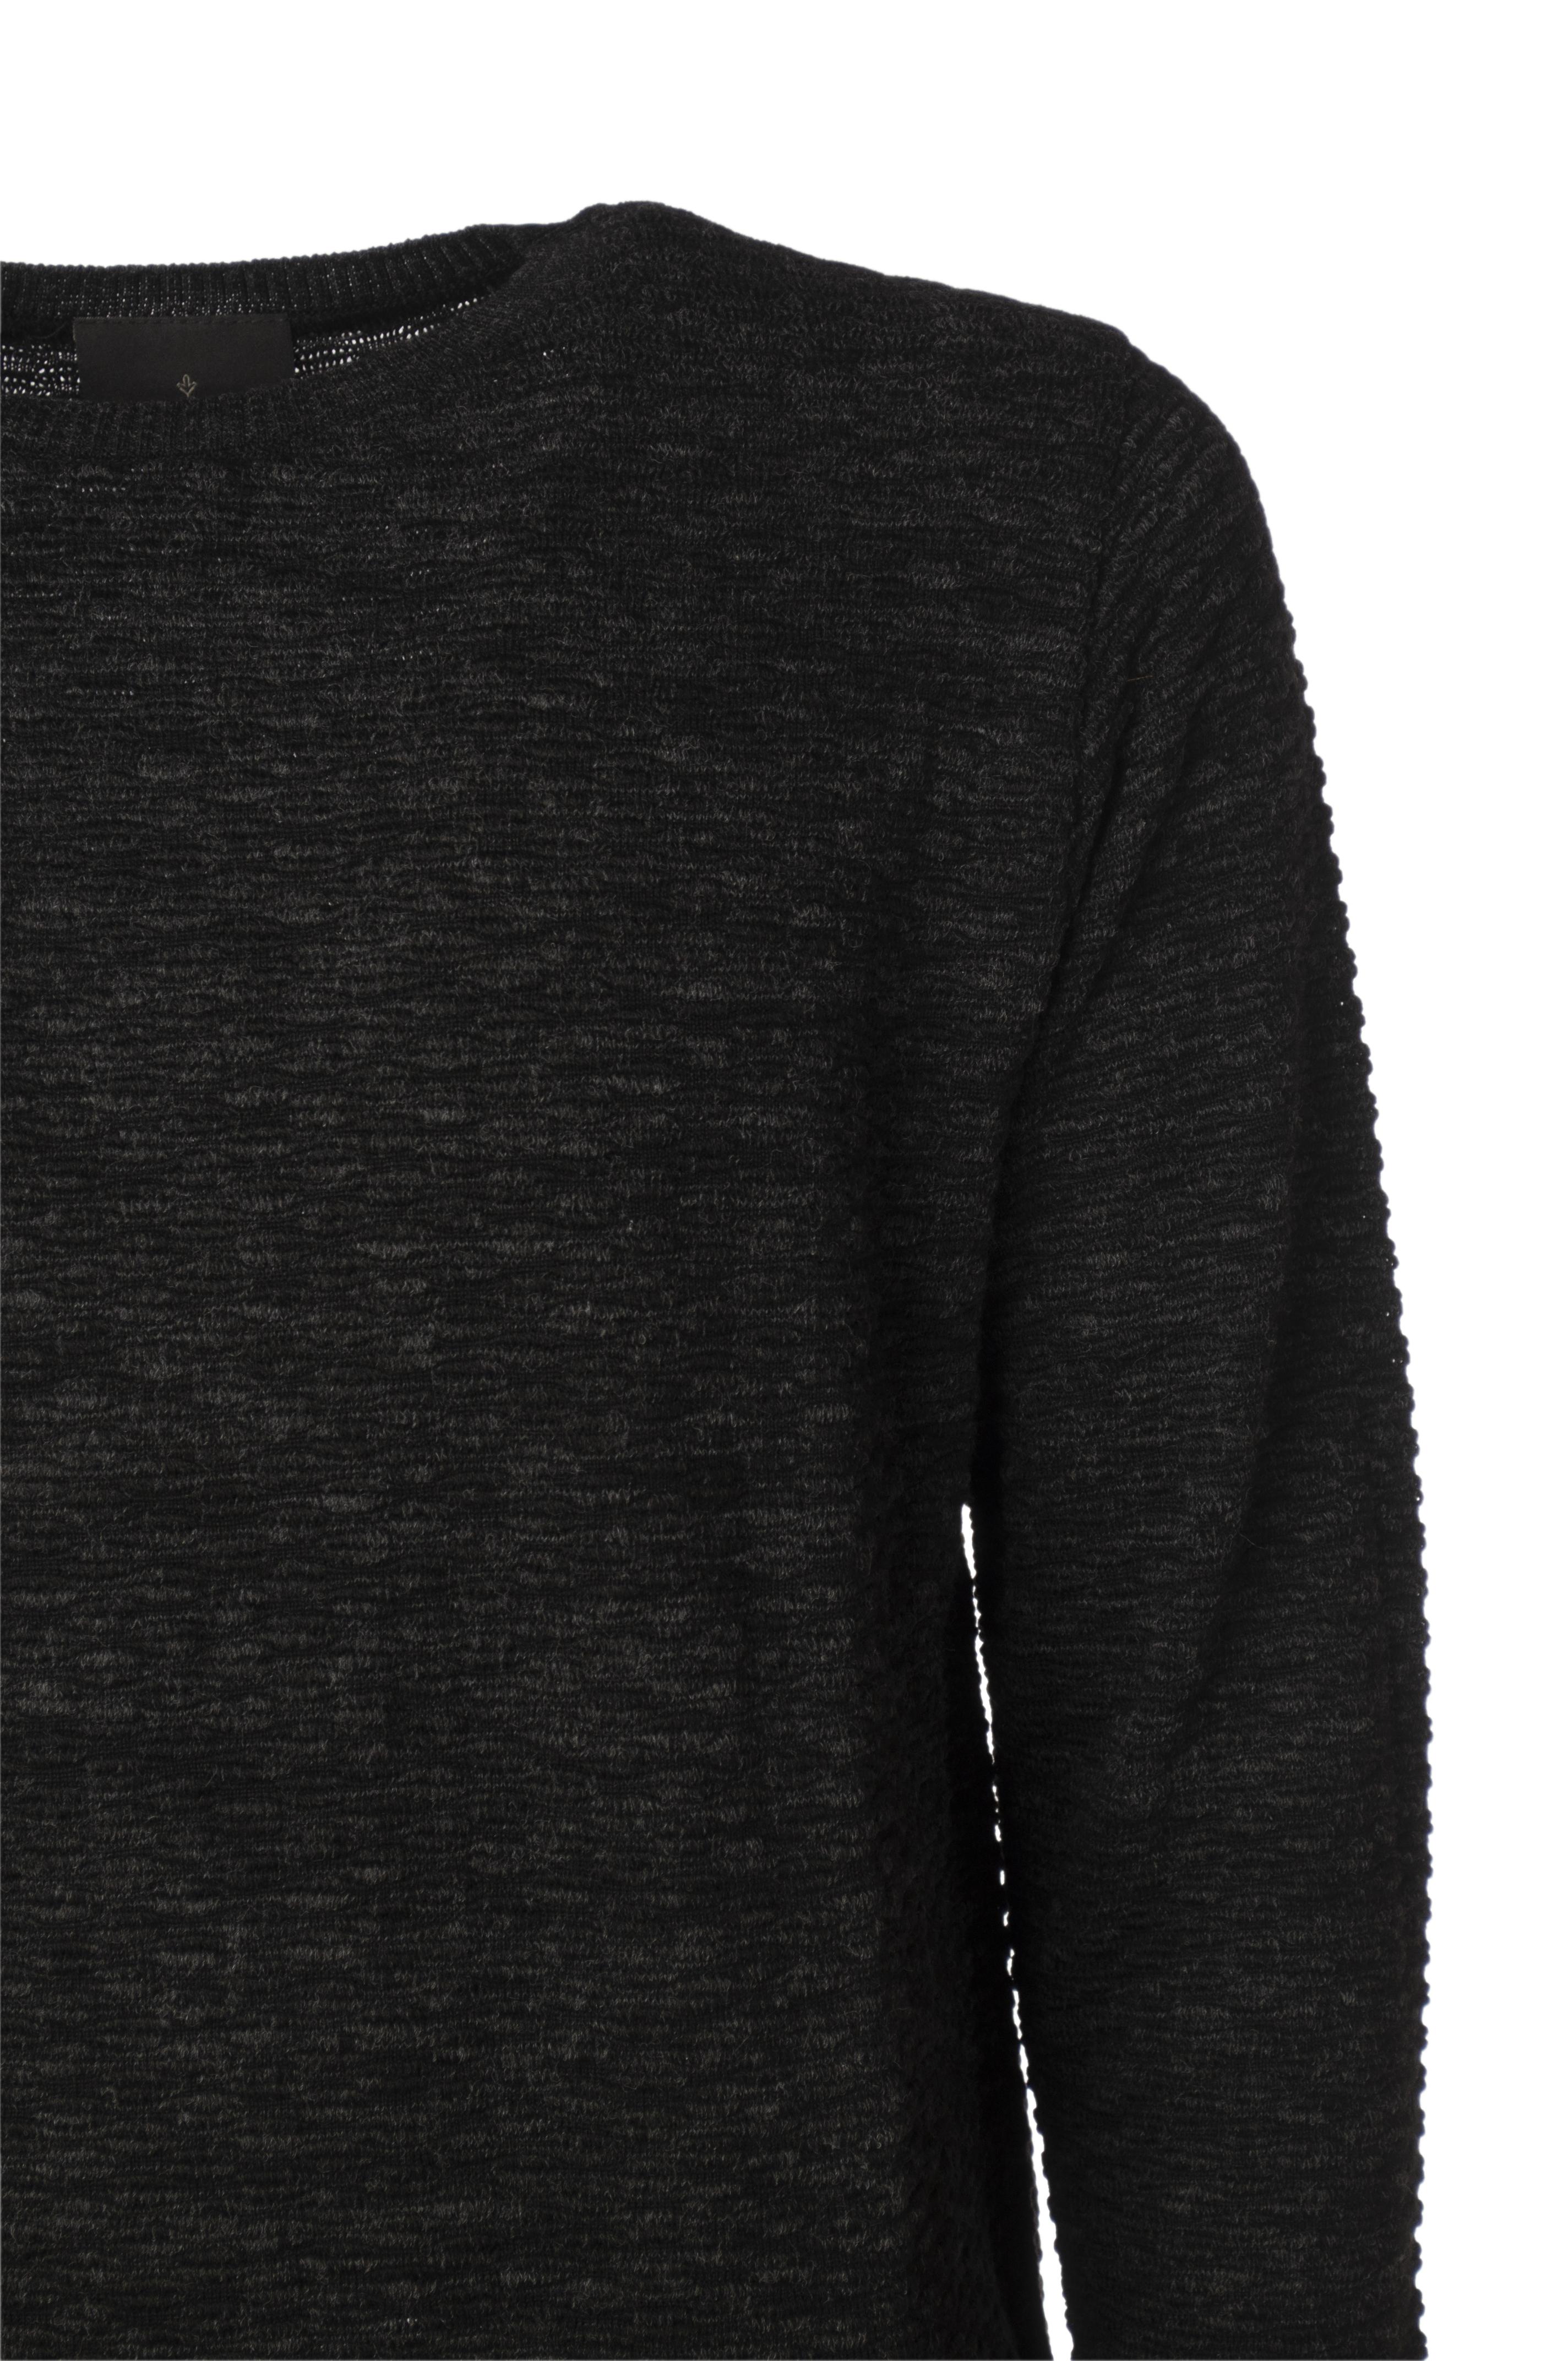 sweaters Knitwear 5831602m183511 Grey Man Diktat Haq8z8